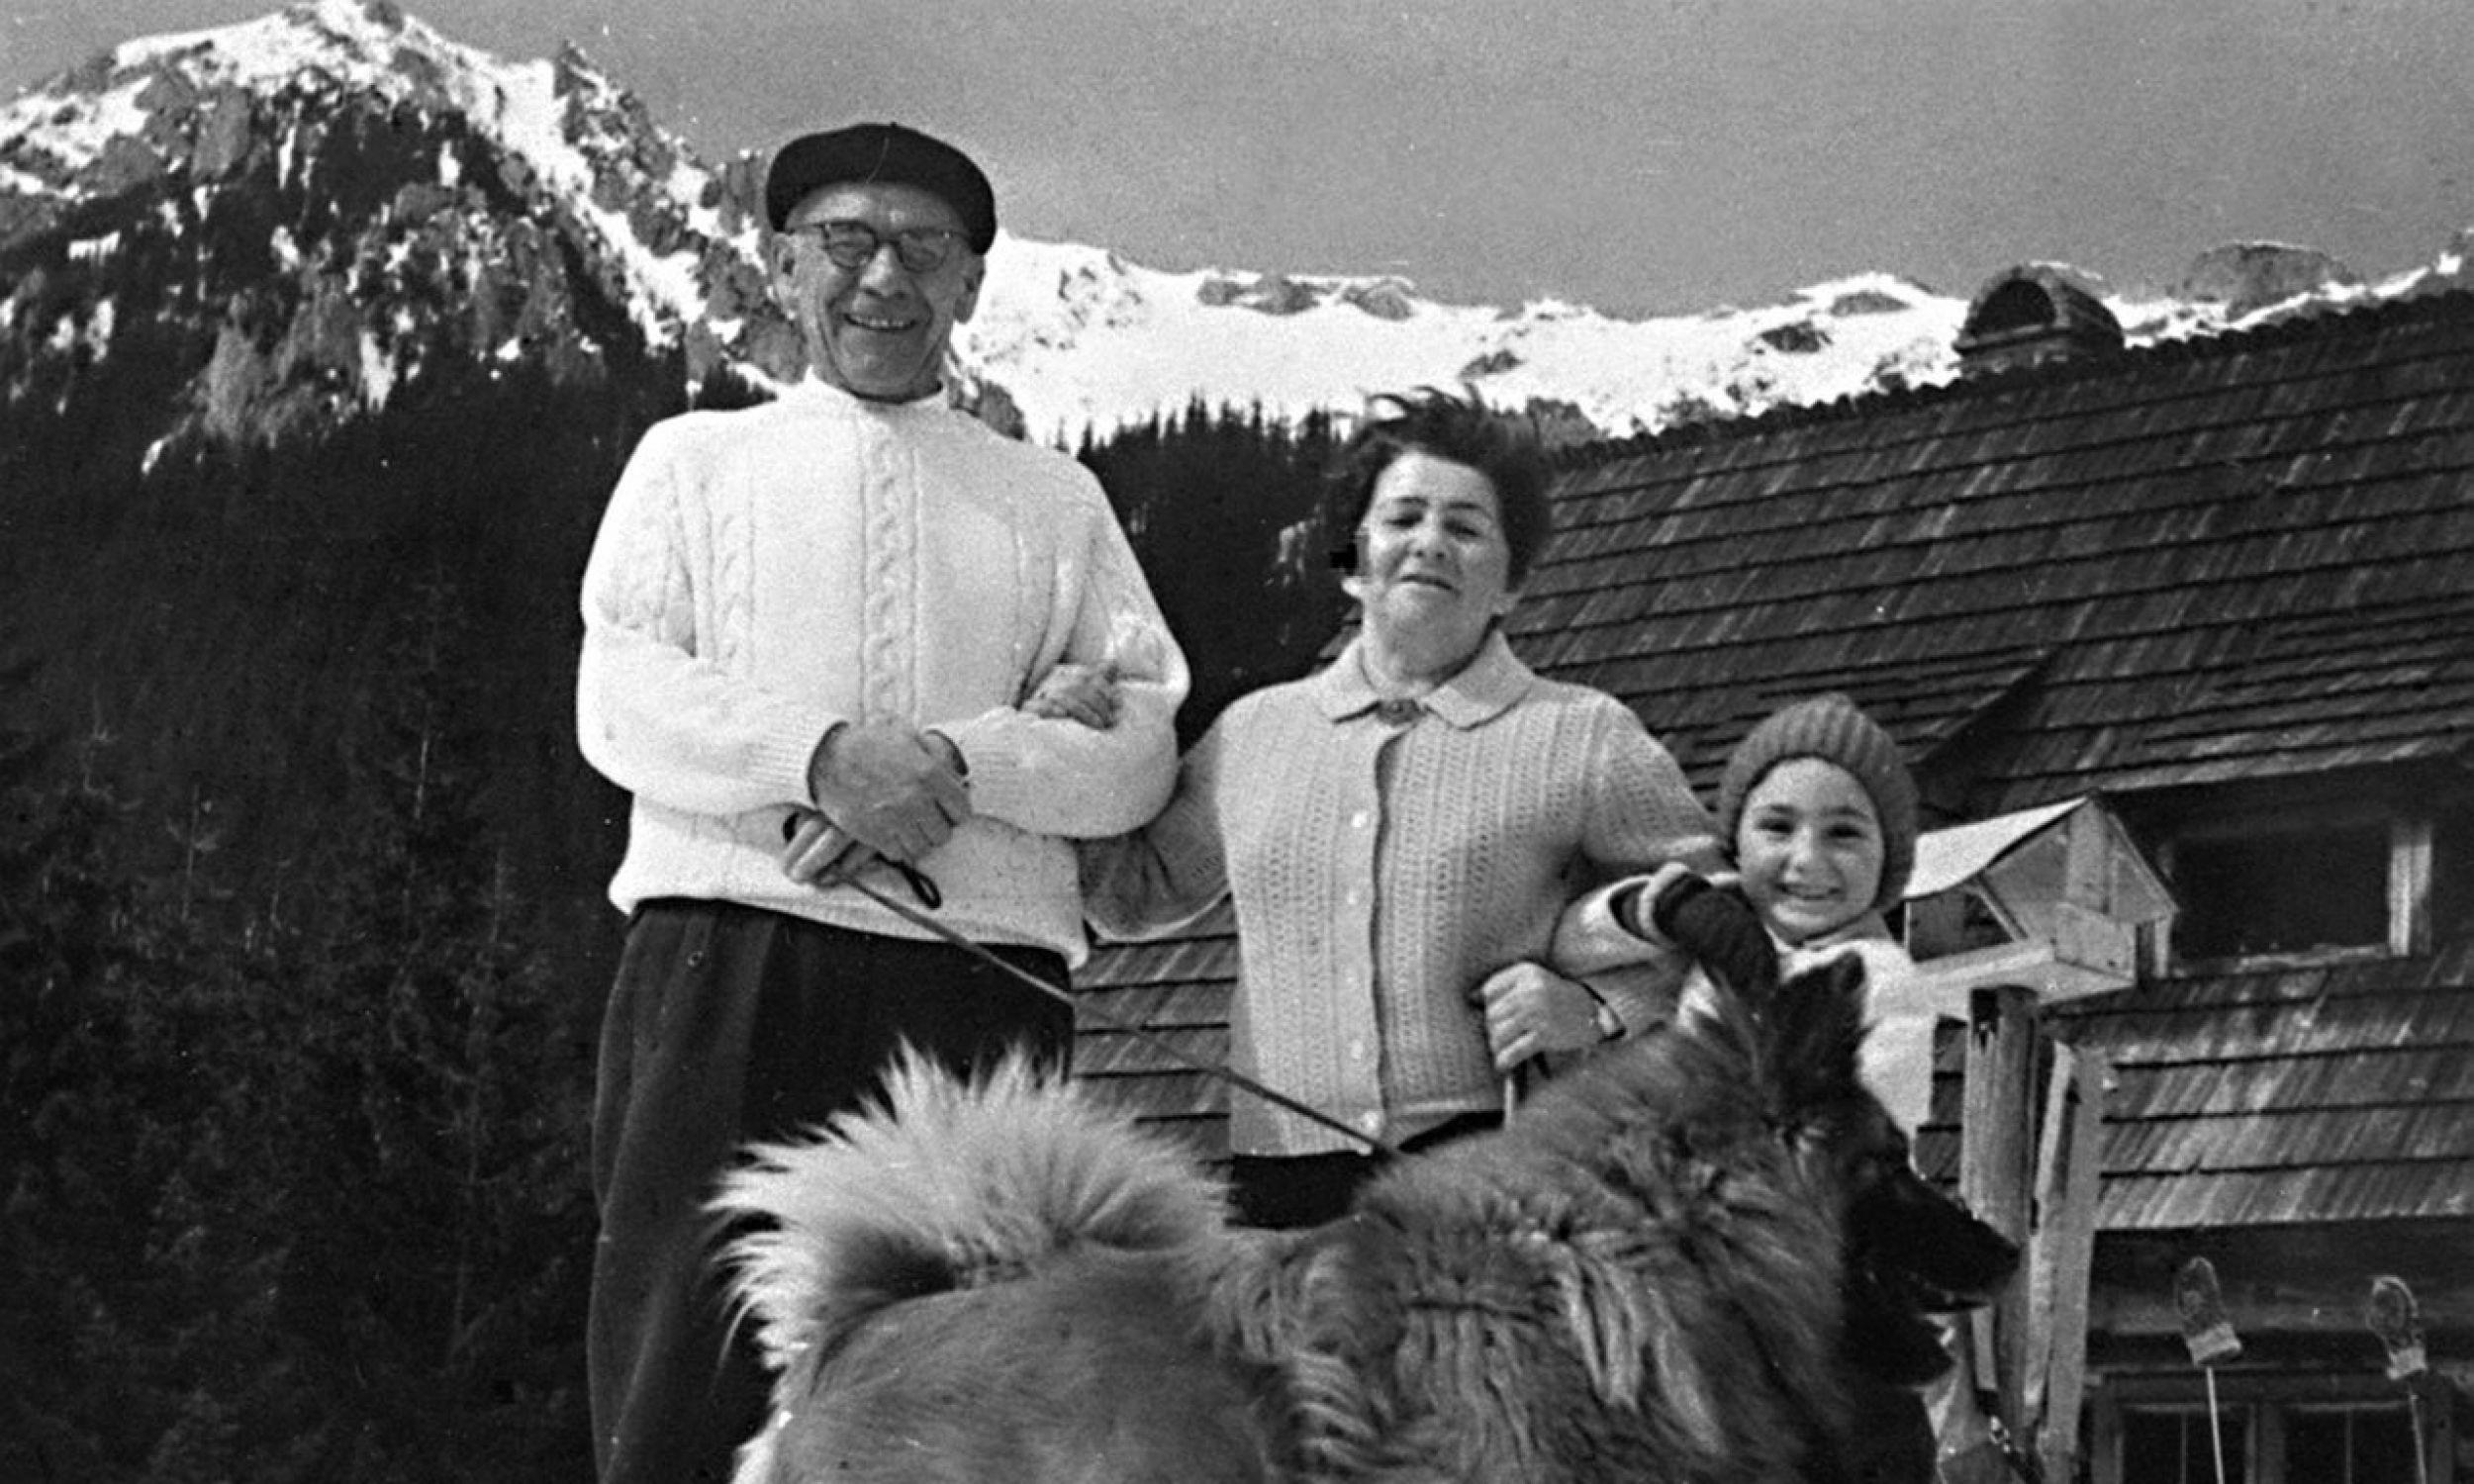 Zakopane Lata 60-te. I sekretarz KC PZPR Władysław Gomułka z rodziną: żoną Zofią i wnuczką, w Zakopanem. Fot. PAP/CAF-archiwum